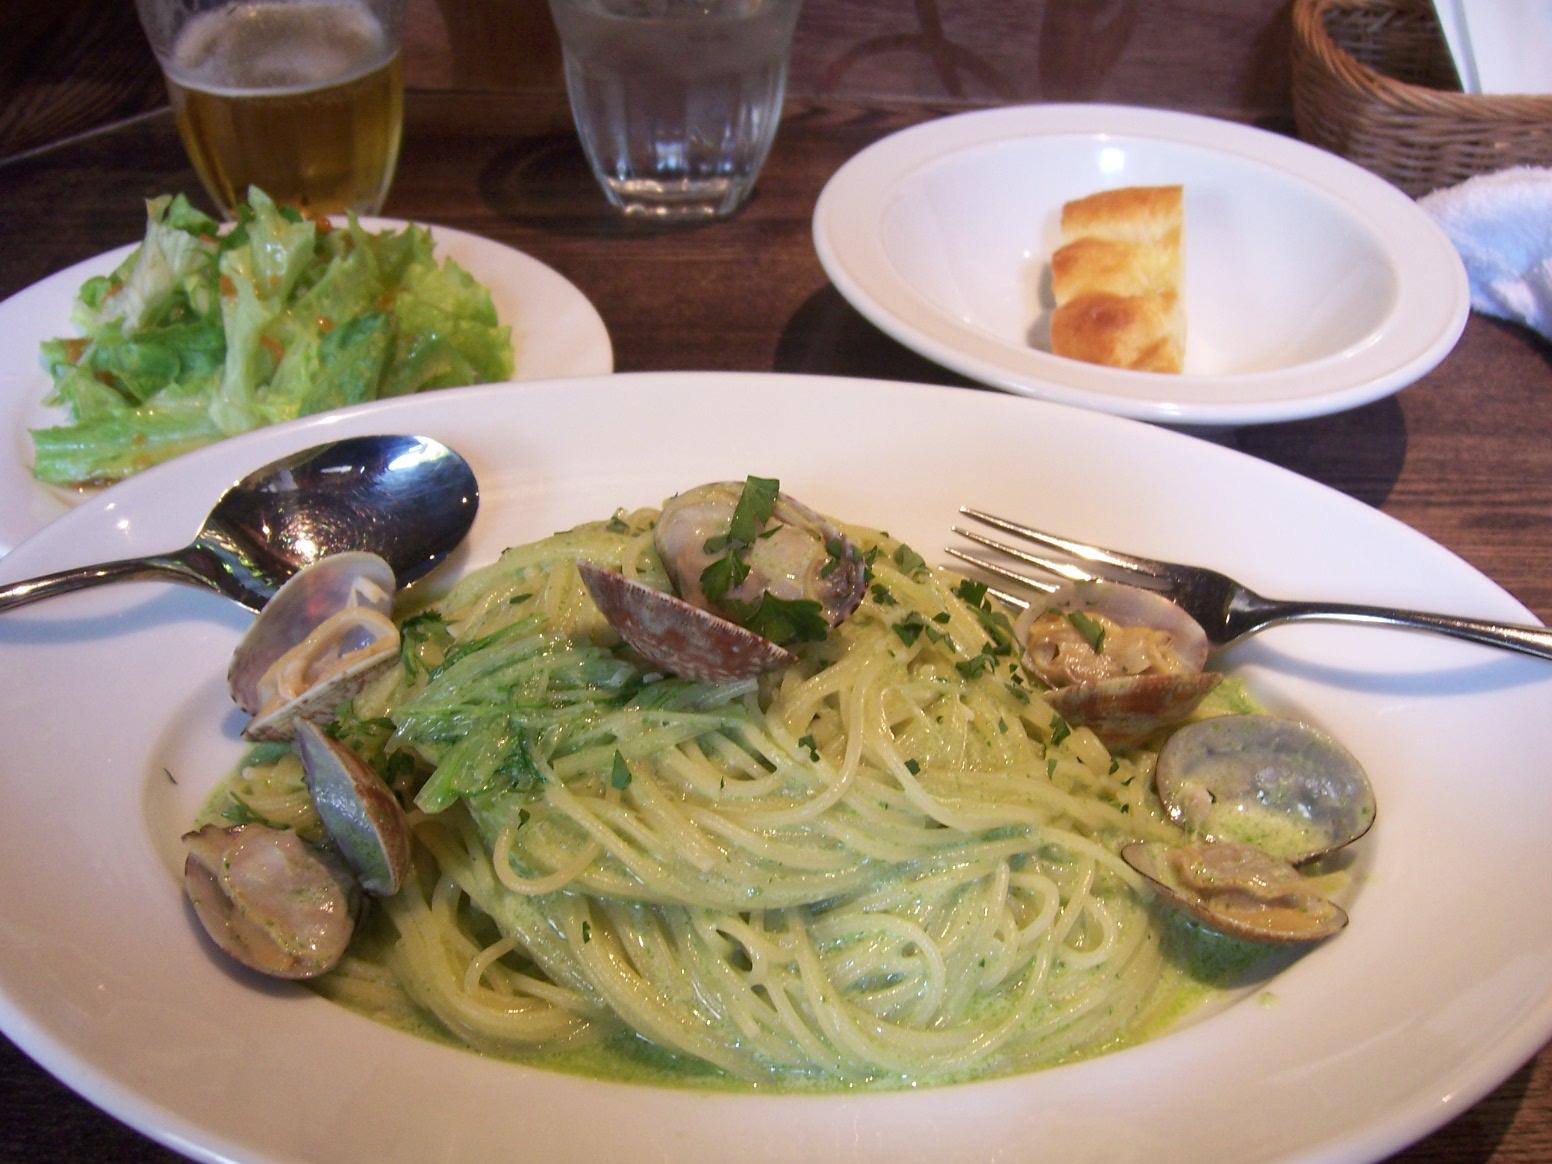 美味しいお店がたくさんある幡ヶ谷で食べるおすすめランチ6選♪のサムネイル画像